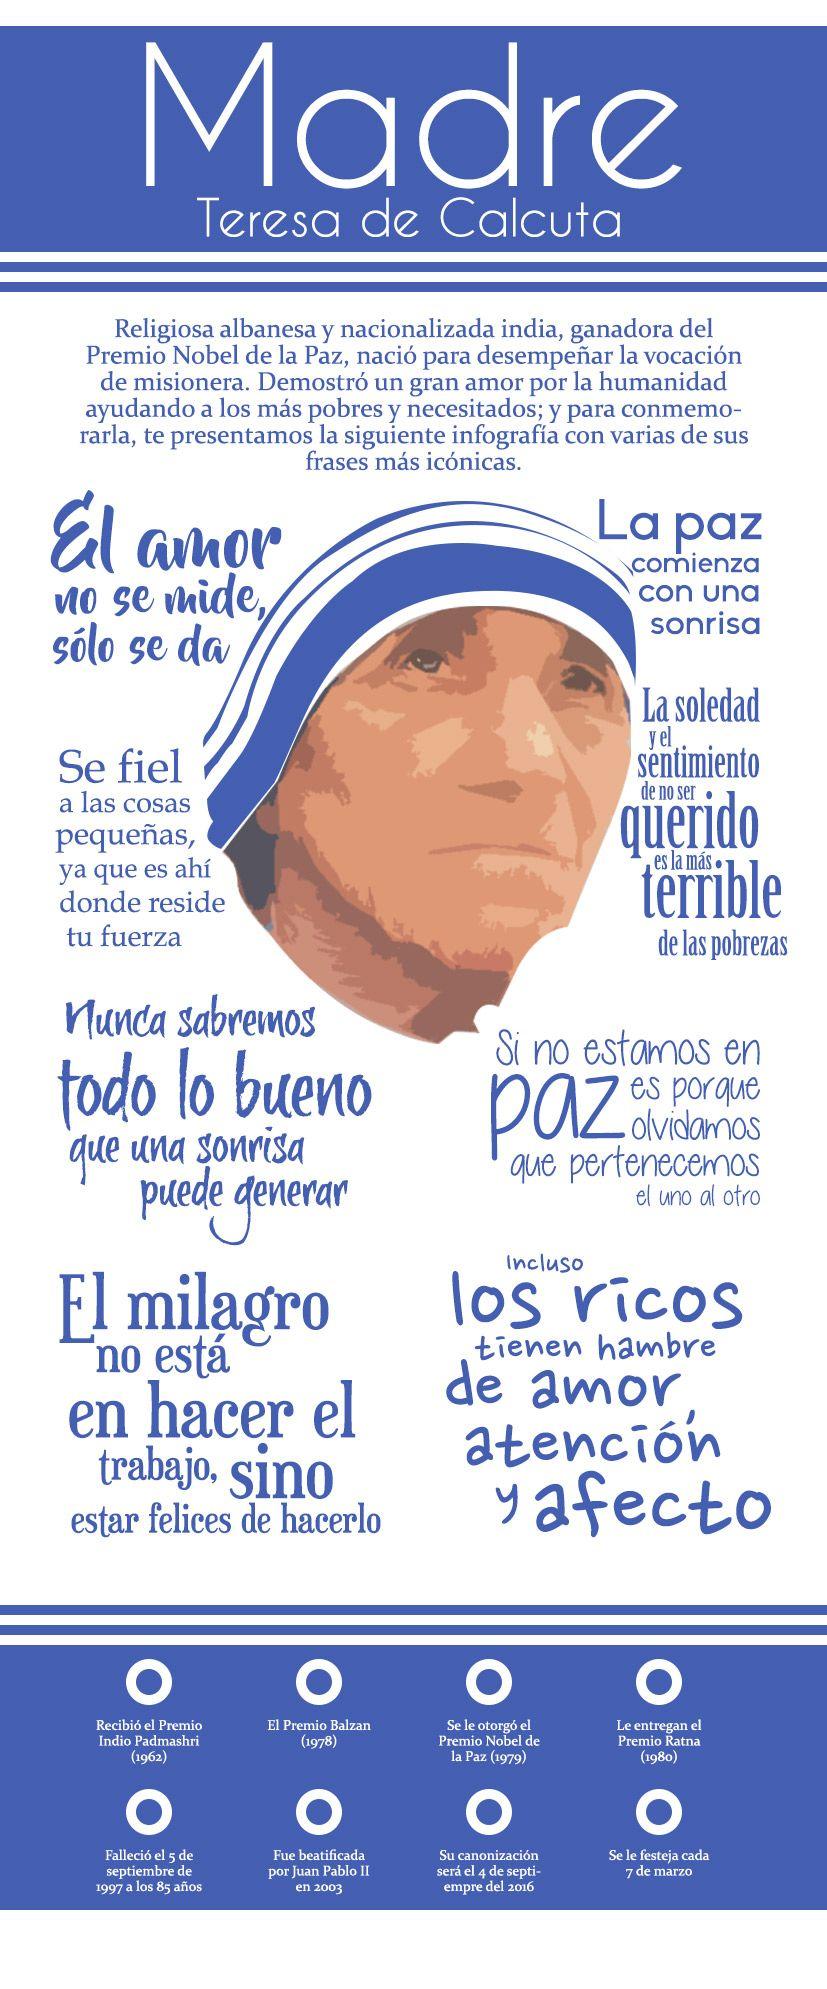 En Memoria A La Vida De La Madre Teresa De Calcuta Te Presentamos